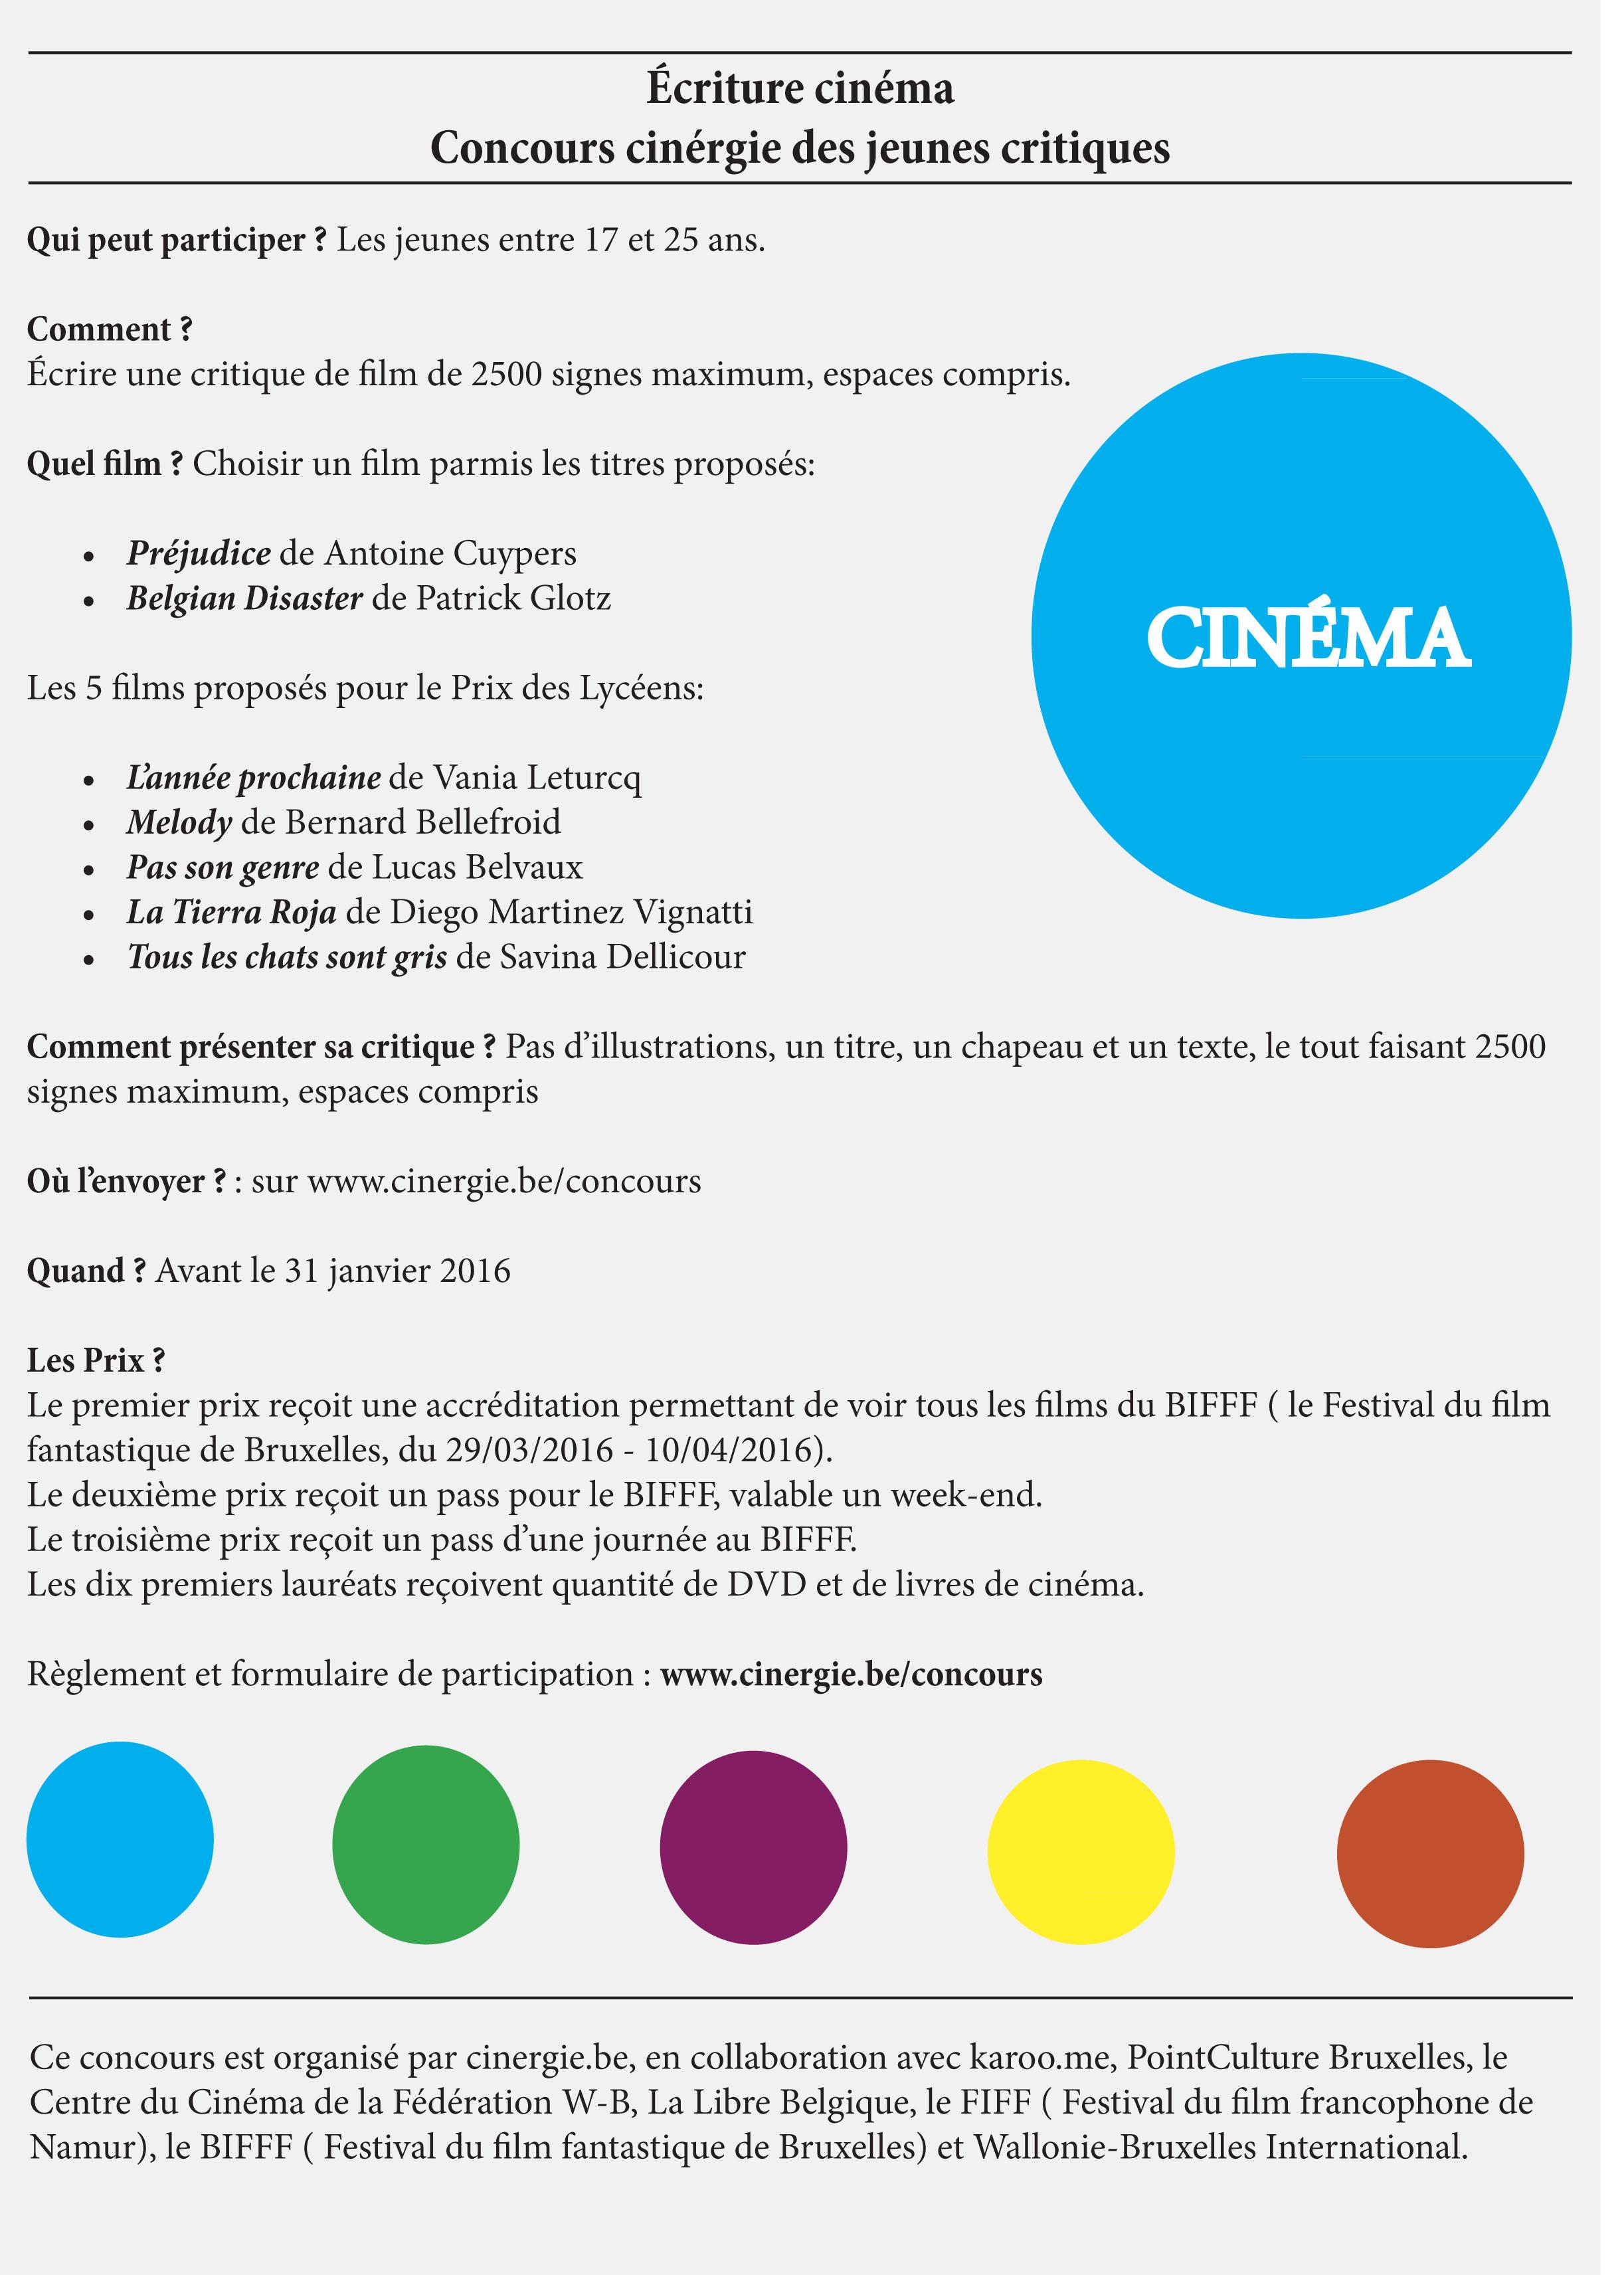 Comment Faire Une Critique De Film : comment, faire, critique, Concours, Cinergie, Jeunes, Critiques, Loupiote